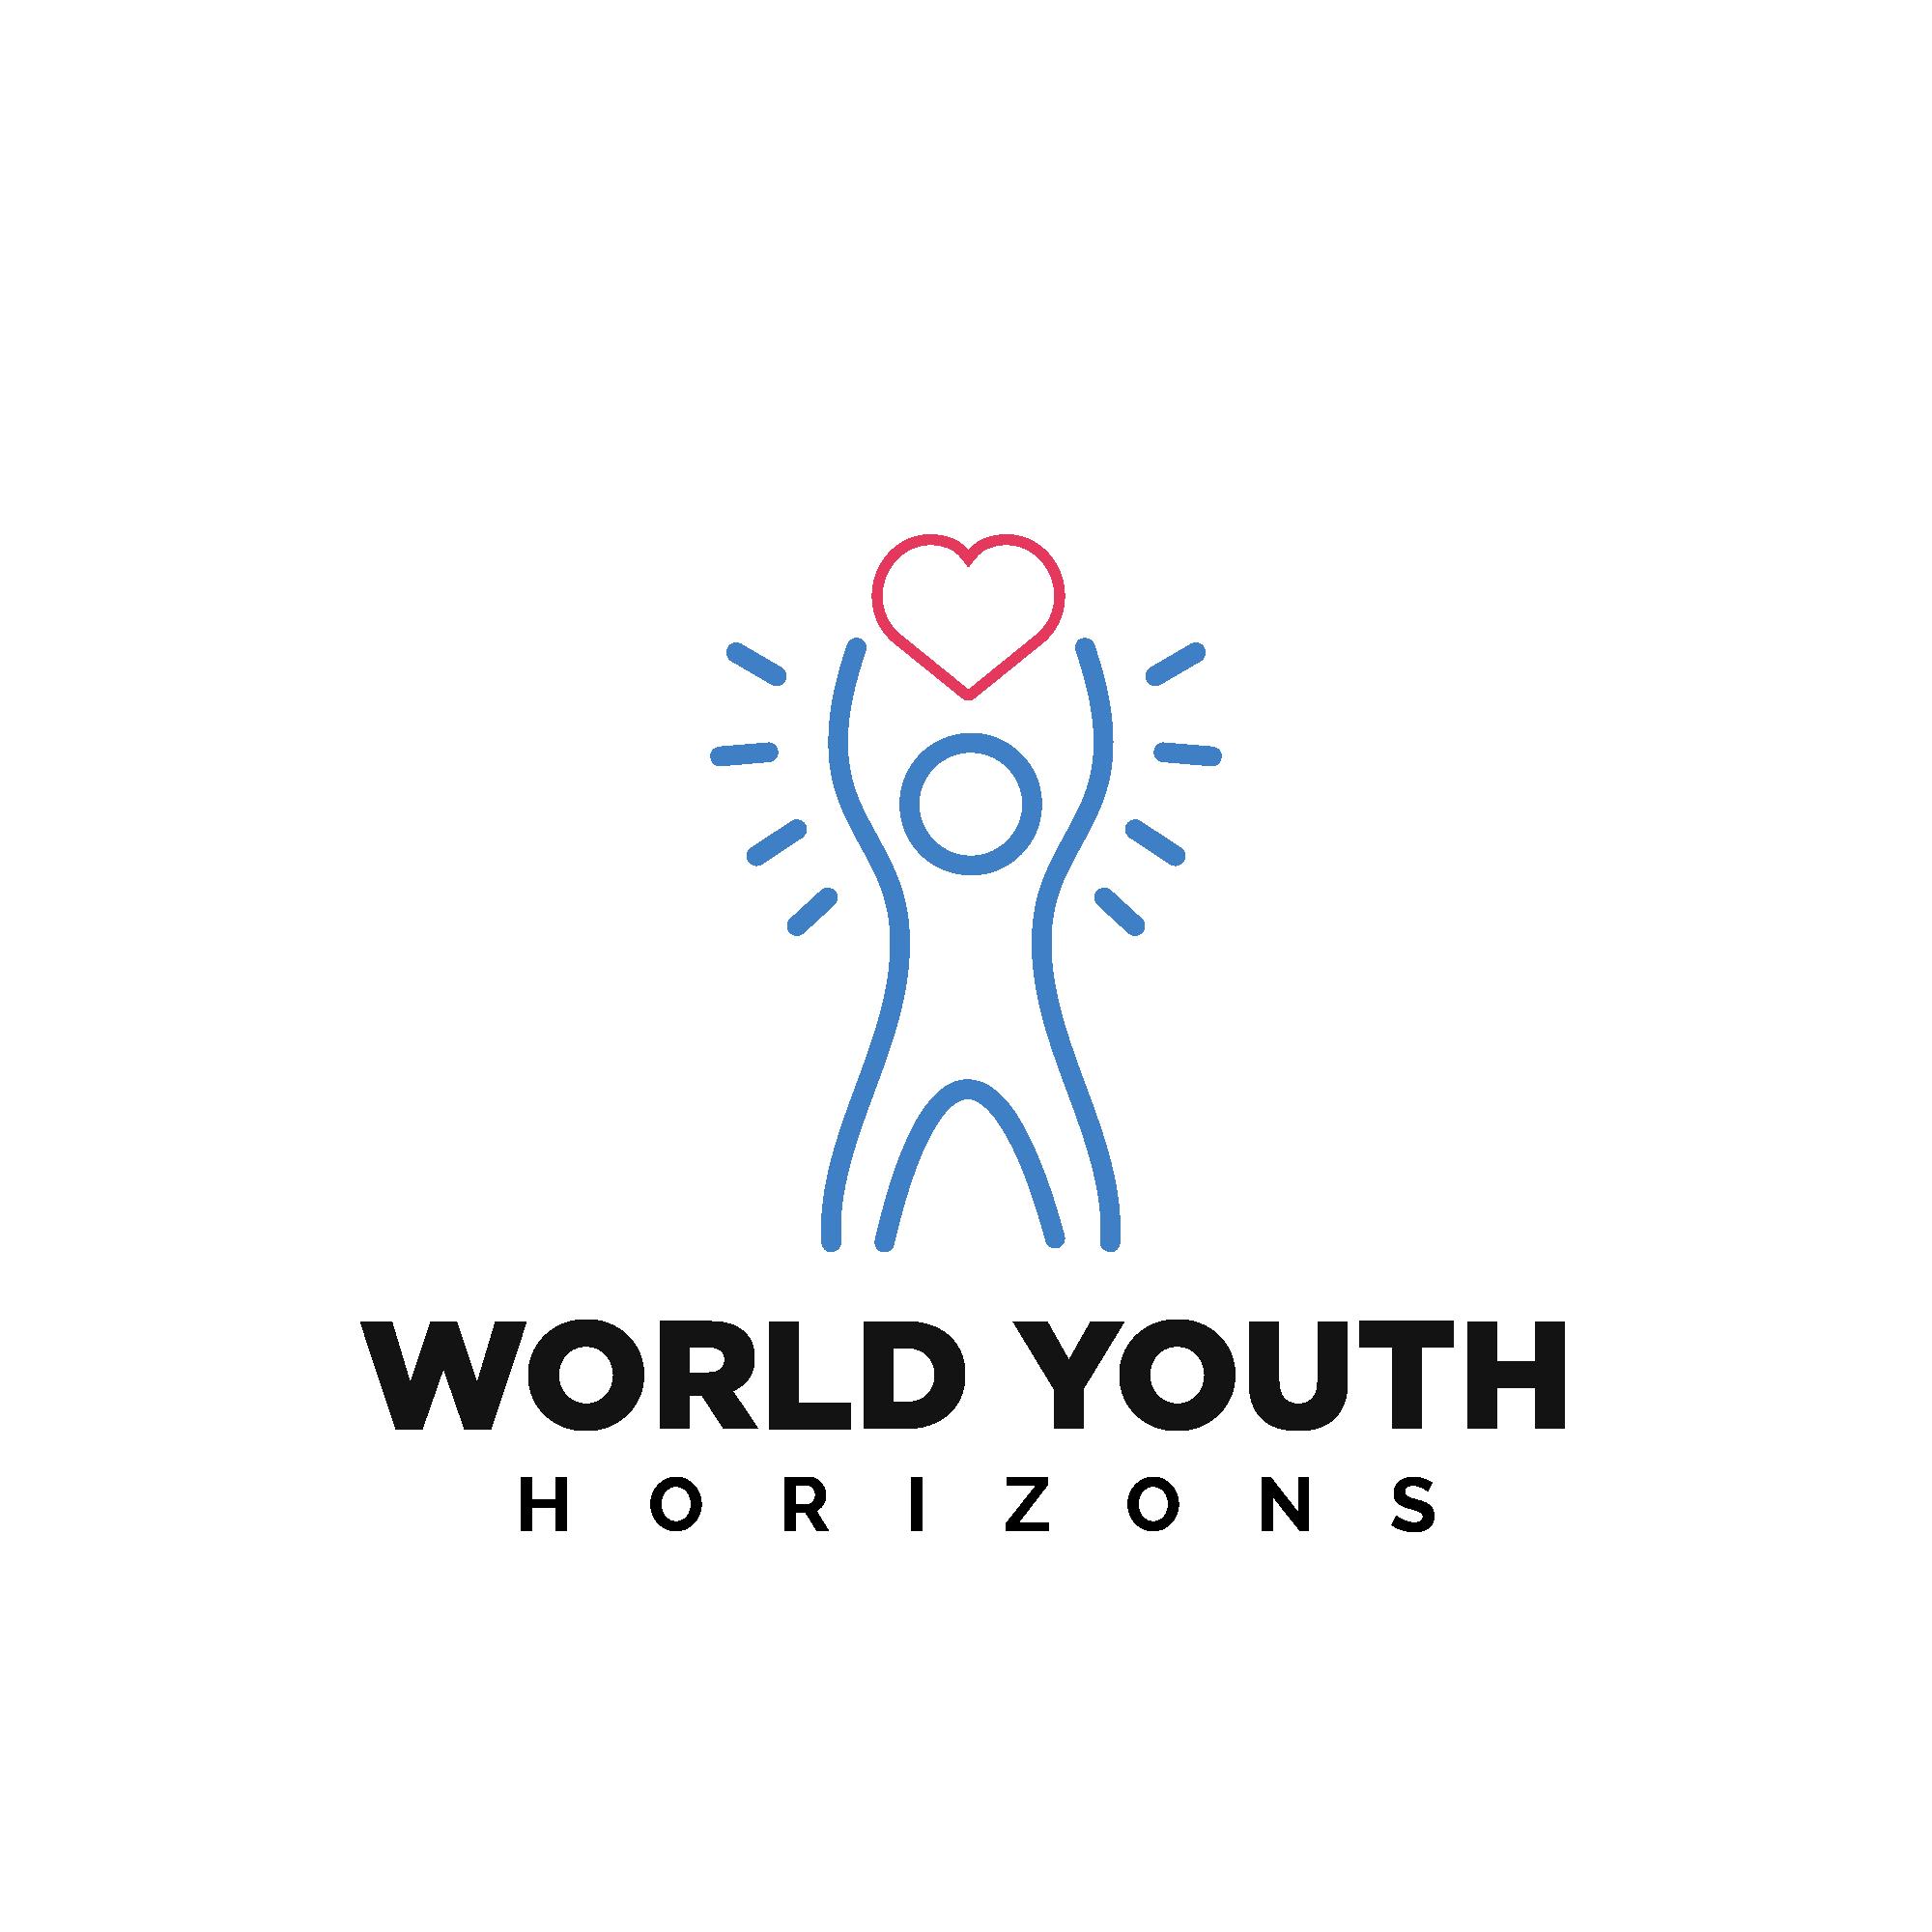 World-Youth-Horizons-Logo